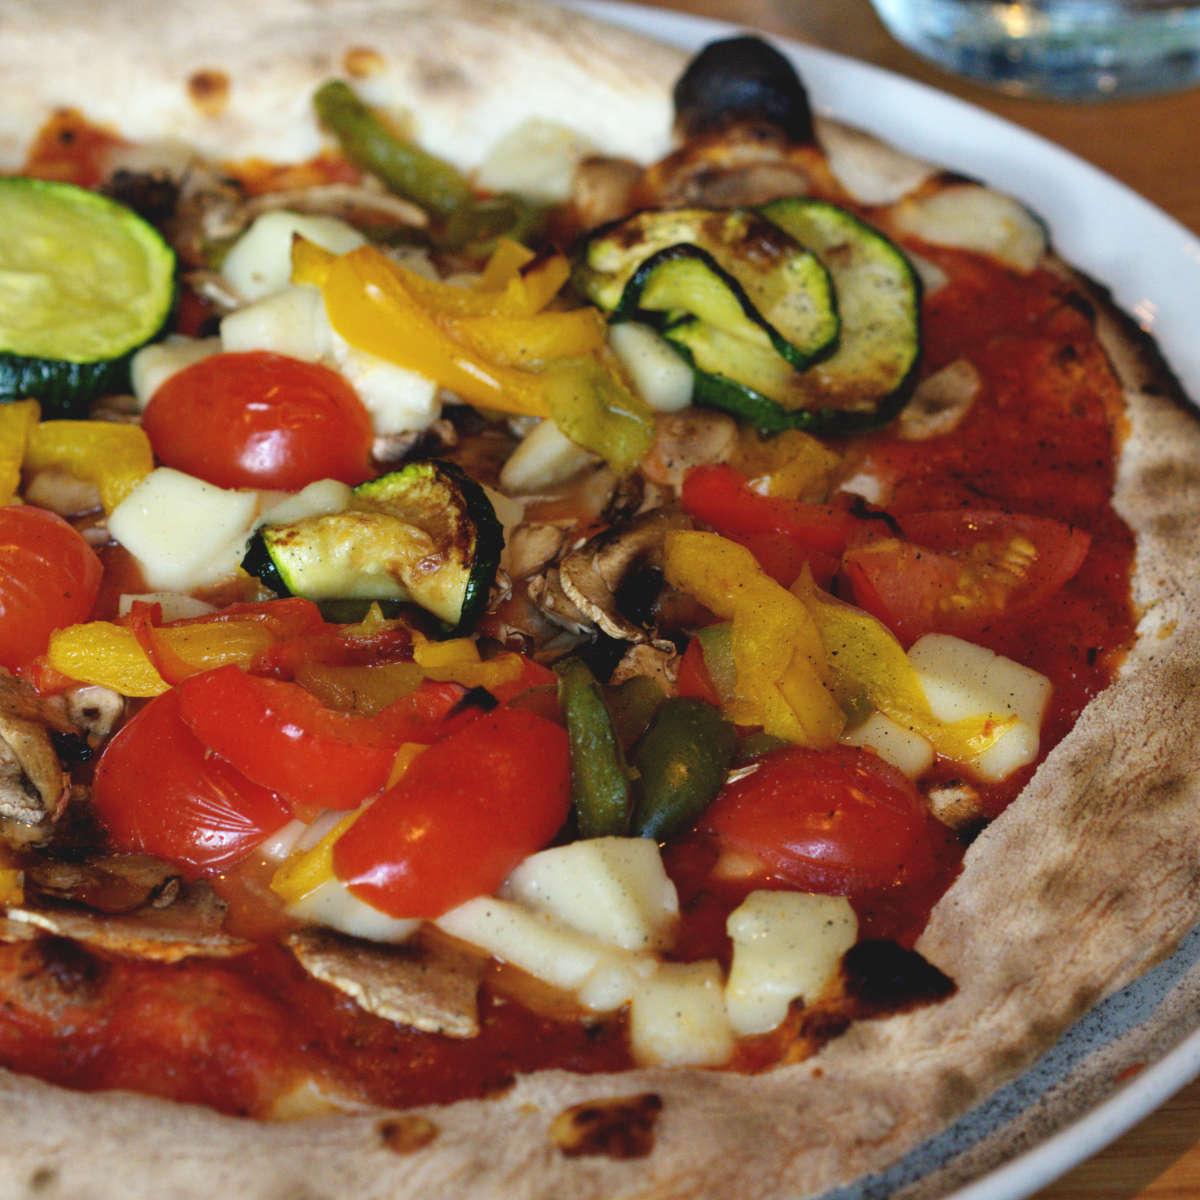 Vegan pizza at La Favorita, Edinburgh